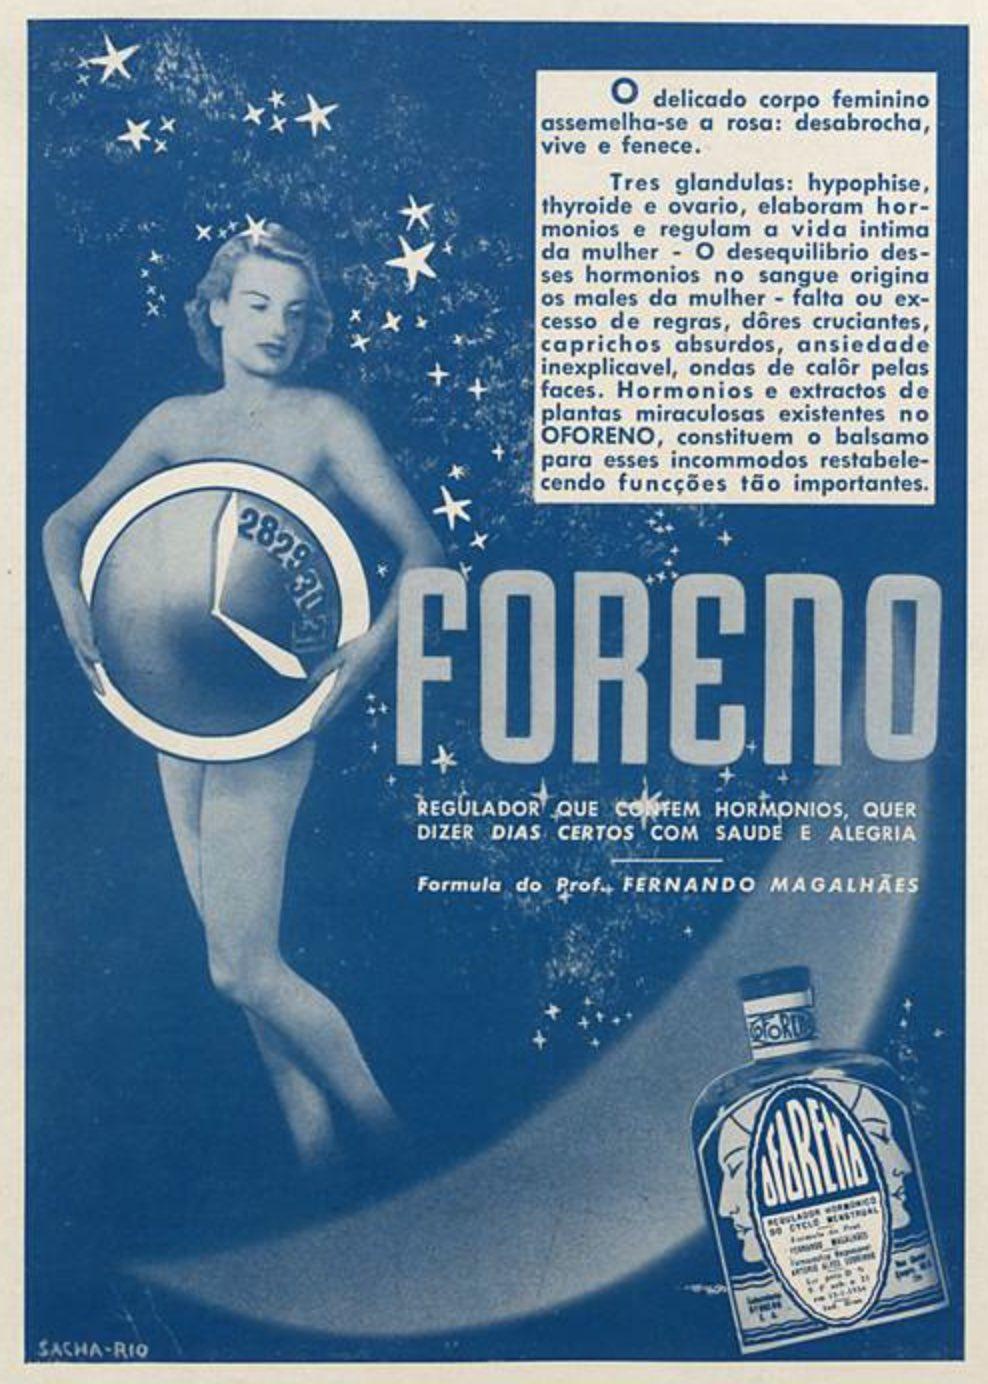 Anúncio antigo de 1940 apresentando o regulador hormonal feminino Oforeno